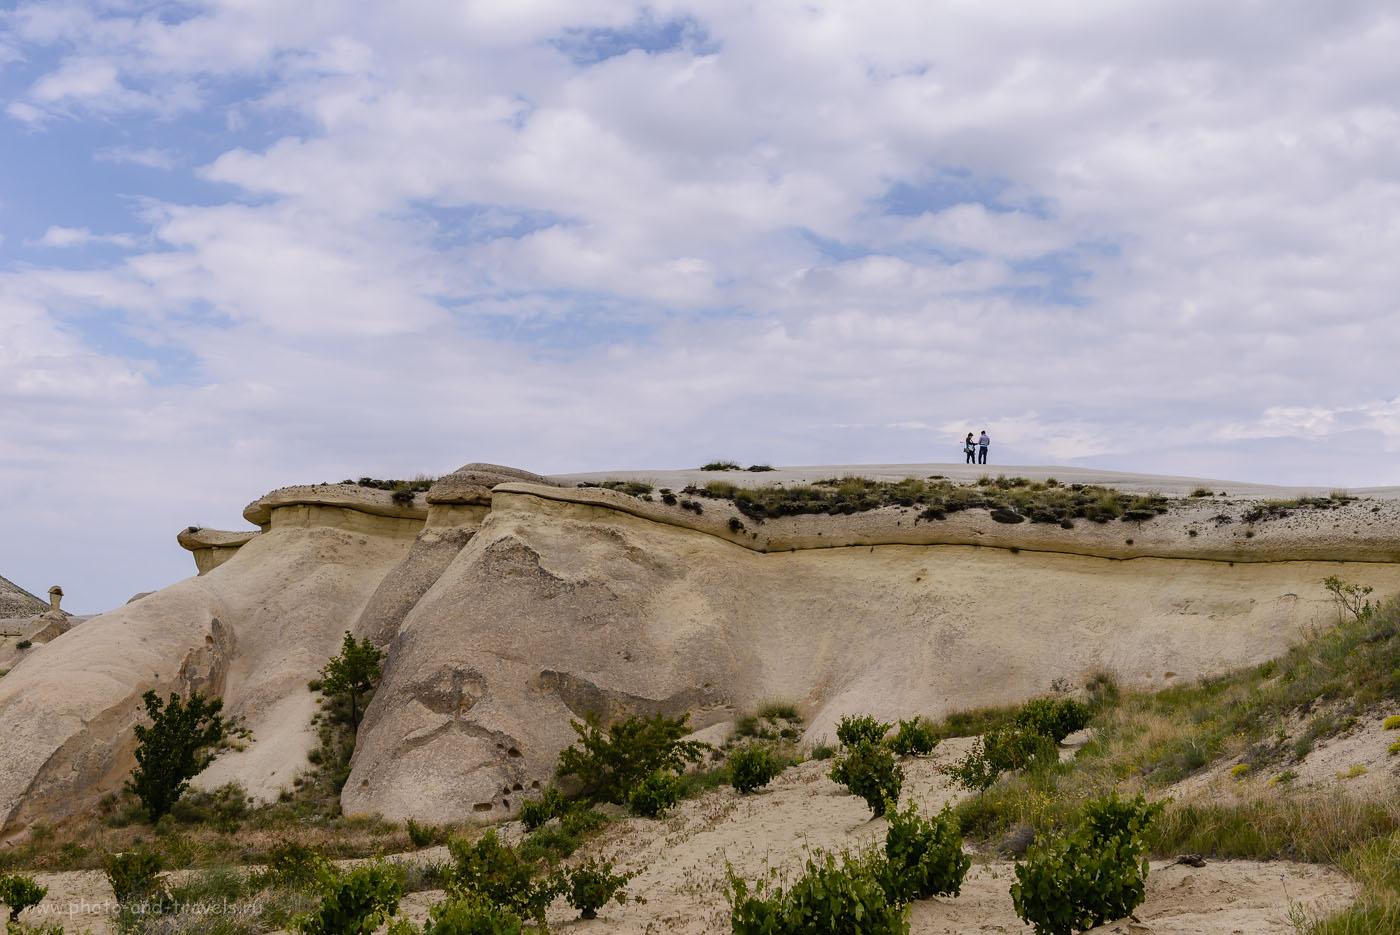 Фотография 18. Вид на смотровую площадку у Paşabağı Vadisi снизу. Отзывы туристов об экскурсии в Каппадокию. 1/800, 8.0, 160, 38.